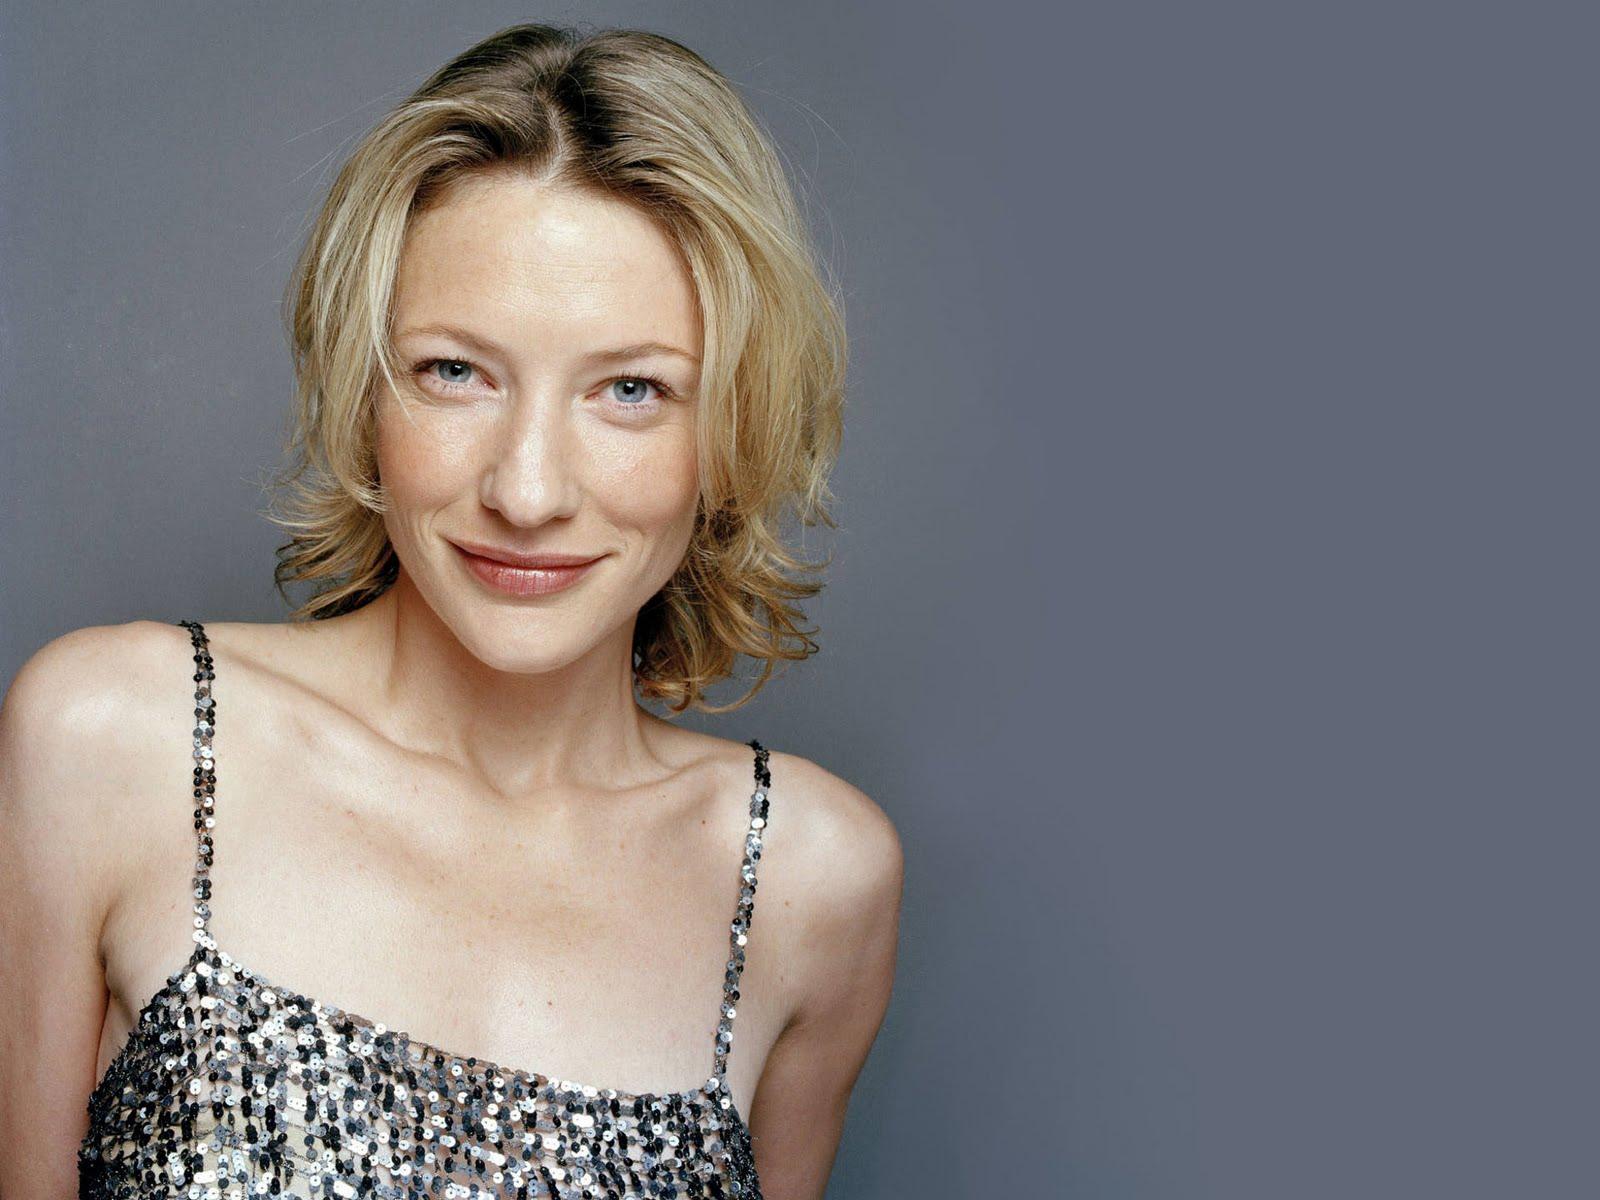 http://2.bp.blogspot.com/_Si7zjQmZnm4/SpCzjbZ29rI/AAAAAAAAEsM/MkpkMKFrCJ0/s1600/Fullwalls.blogspot.com_Cate_Blanchett%2828%29.jpg